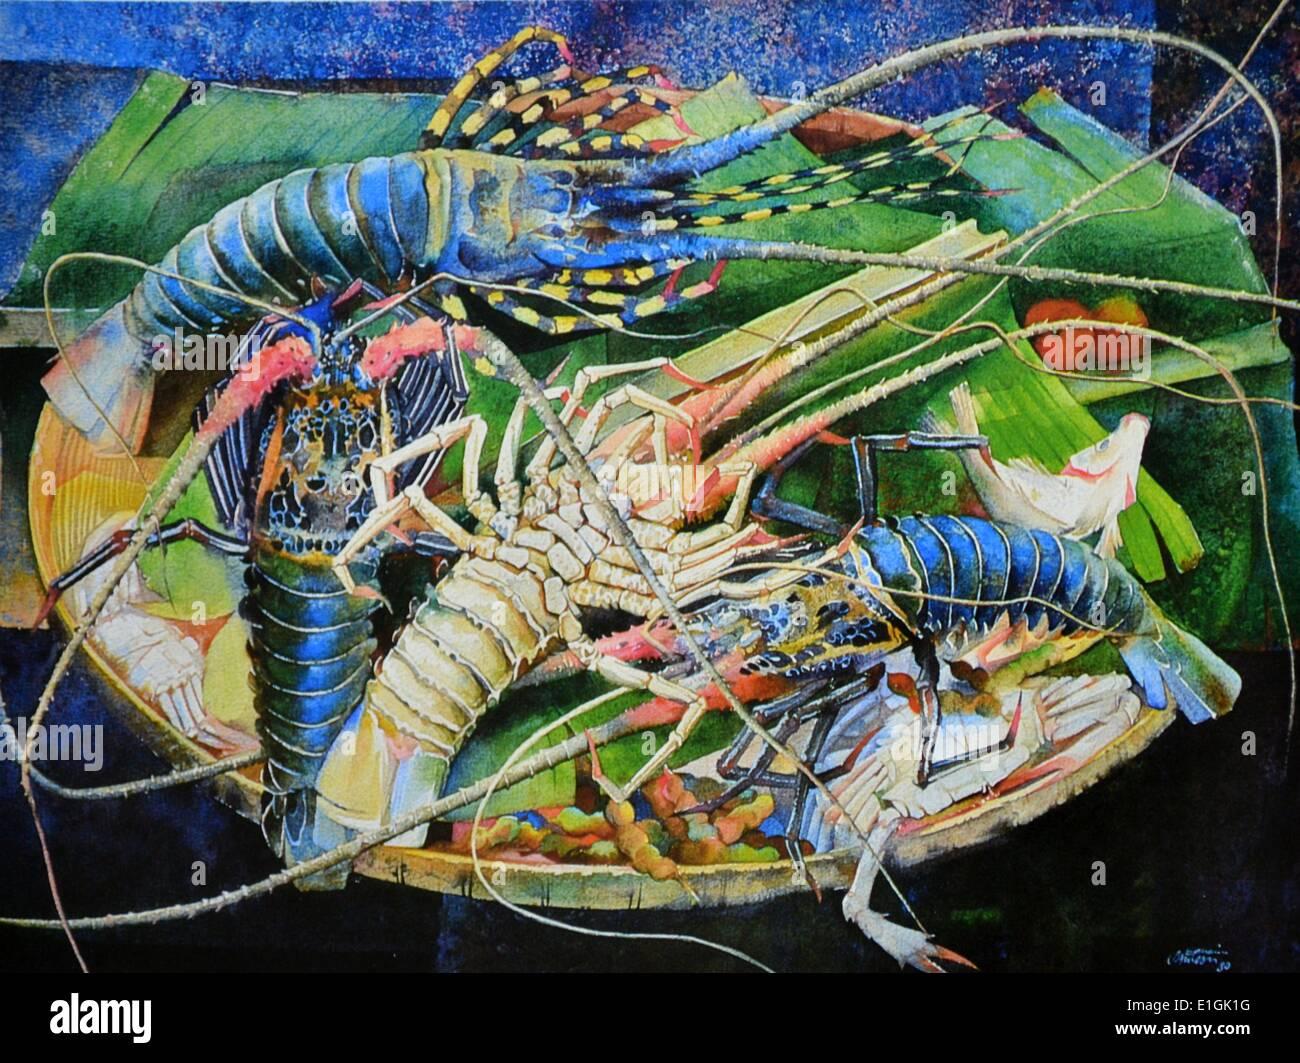 Éphraïm Samson, vie toujours avec les homards, 1980. L'aquarelle. Photo Stock